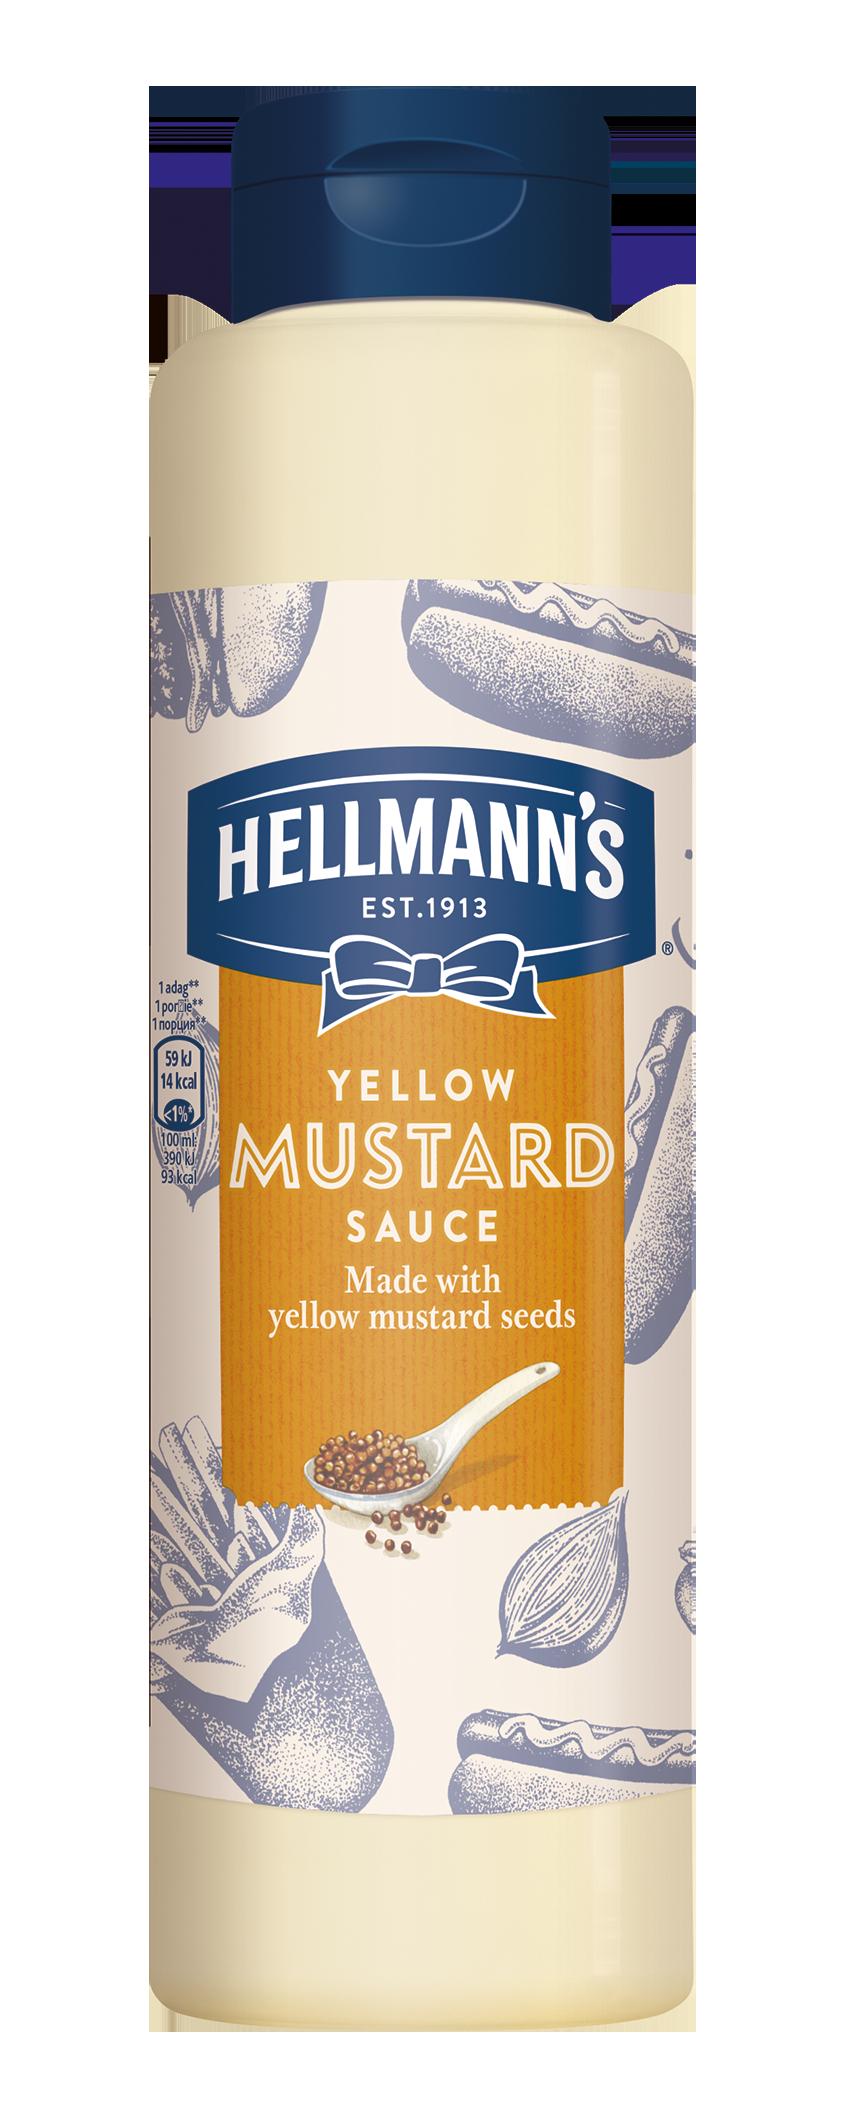 HELLMANN'S Mustár szósz 850ml -  Minőségi márkájú termék felszolgálása pozitív benyomást kelt a vendégekben.